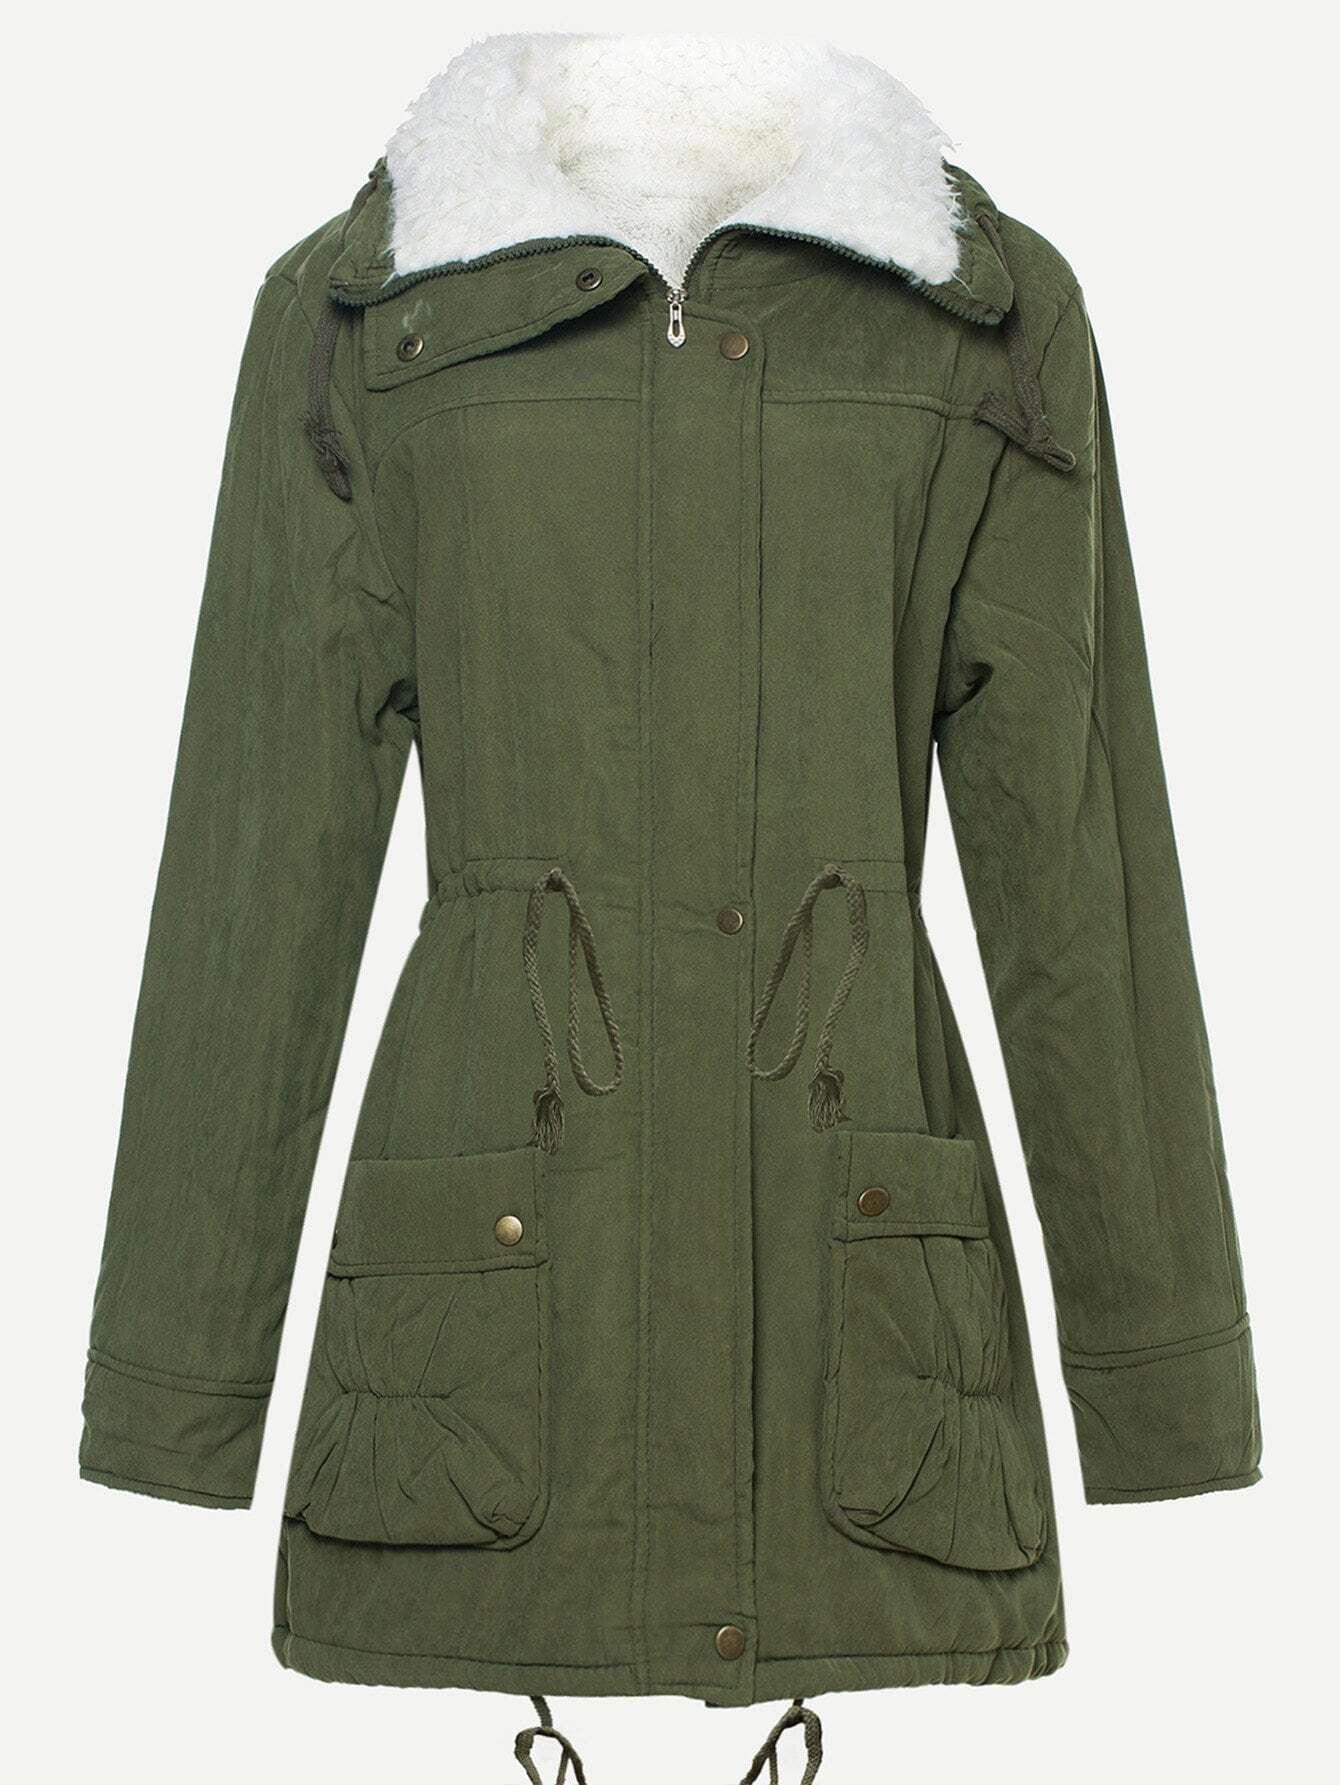 Пальто из искусственных кож и с басоном эластичным, null, SheIn  - купить со скидкой